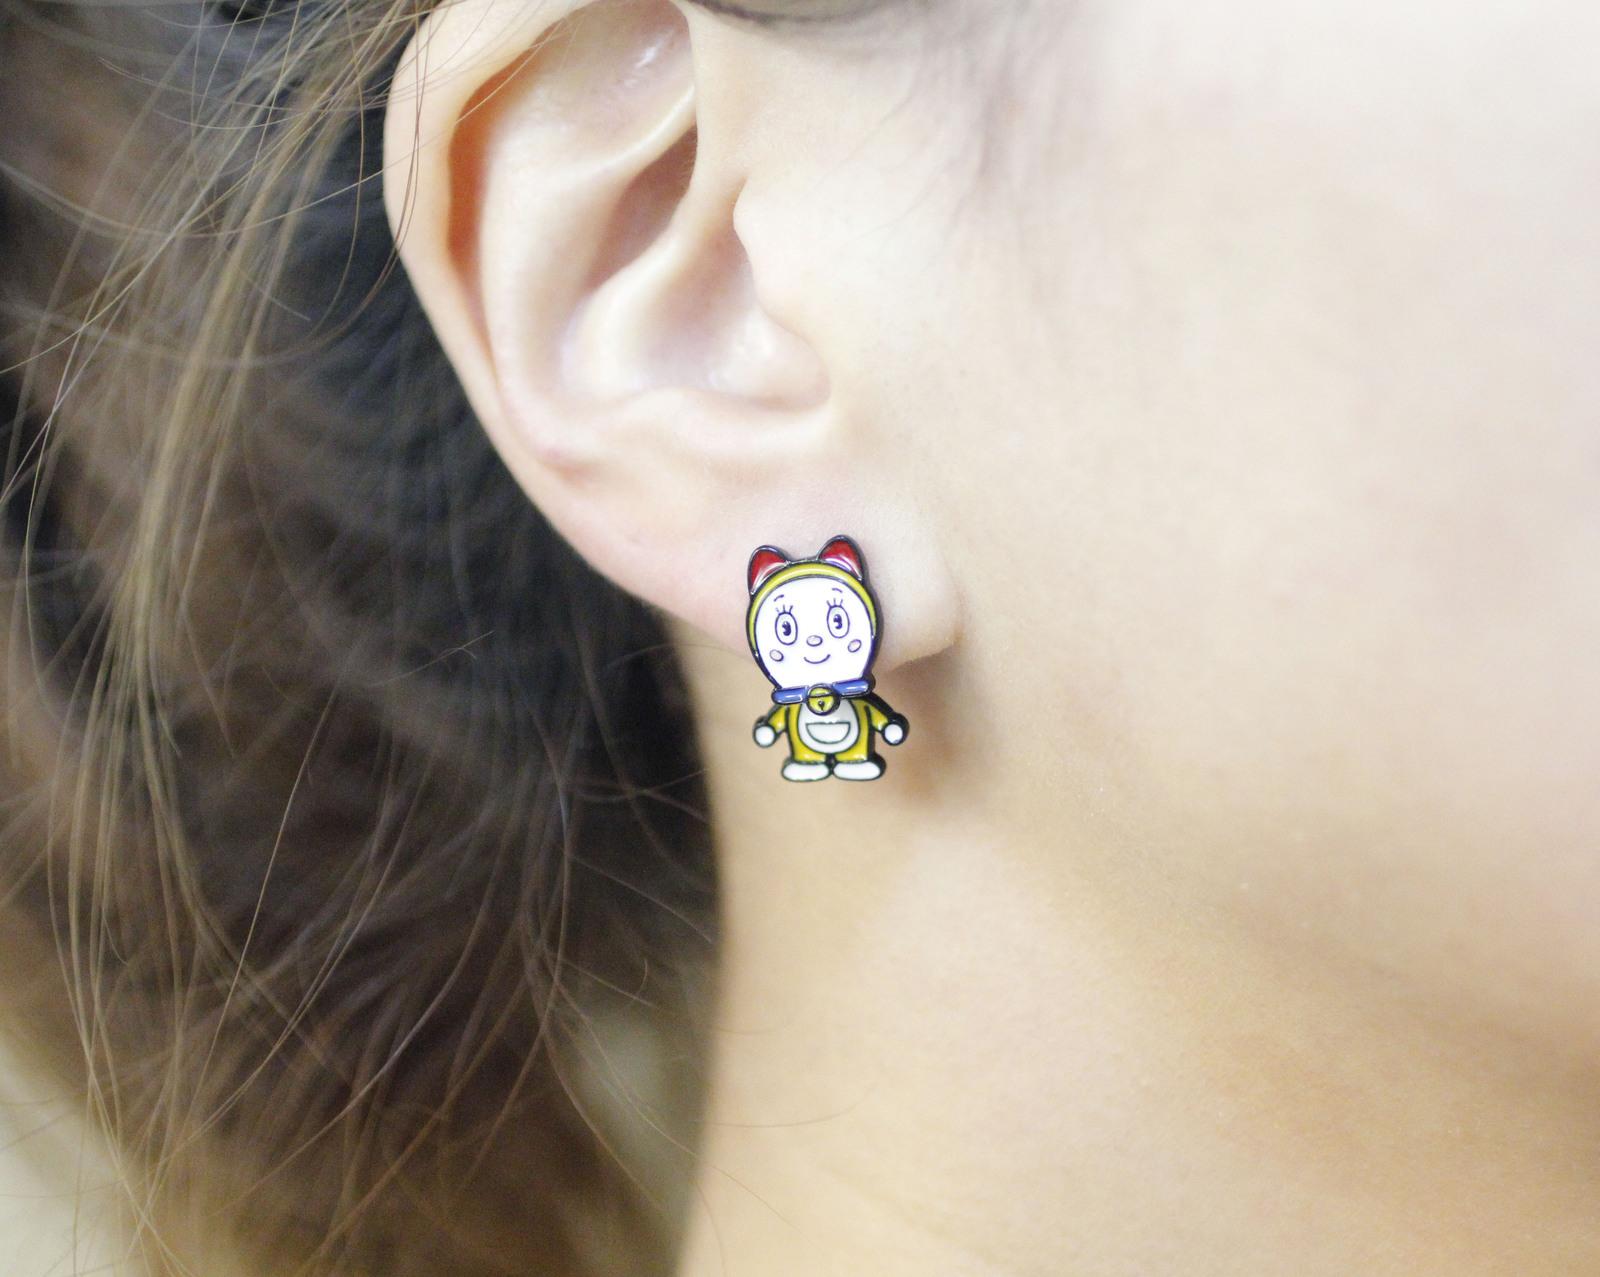 Cute Doraemon and Girl friend Ear jacket, Doraemon two way earrings, Cartoon Ear